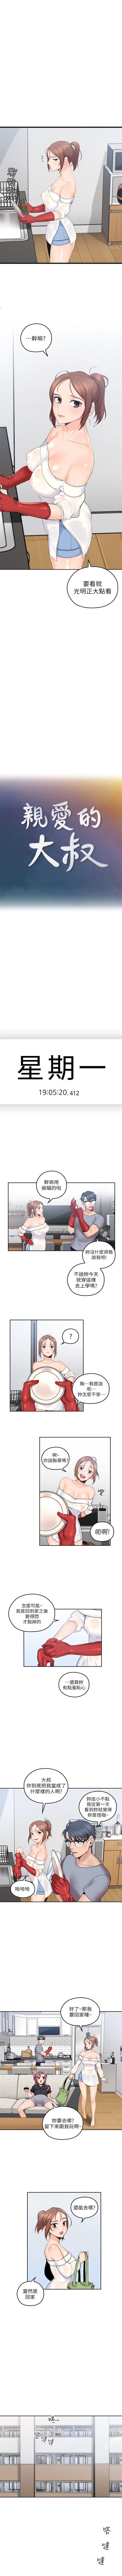 (週4)親愛的大叔 1-39 中文翻譯(更新中) 8